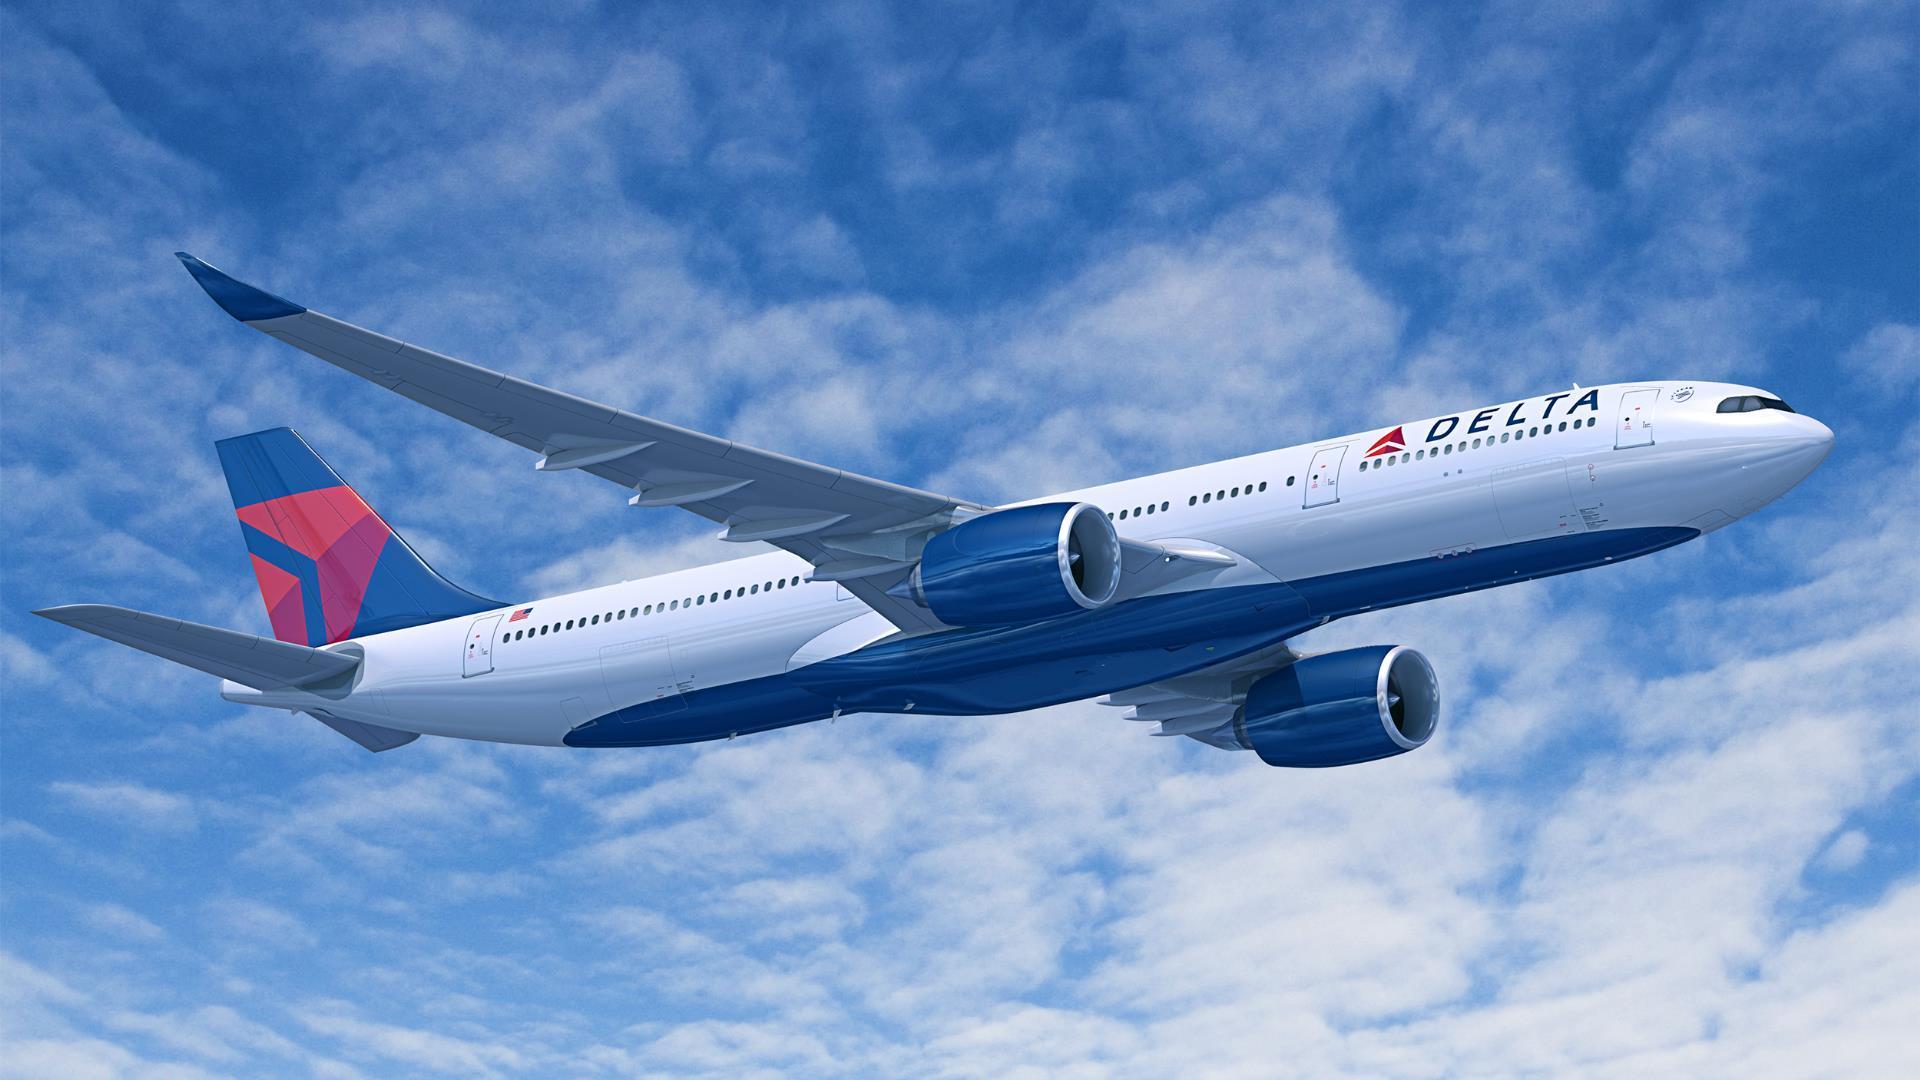 Delta comenzará a operar vuelos diarios a La Habana desde Miami, Nueva York y Atlanta